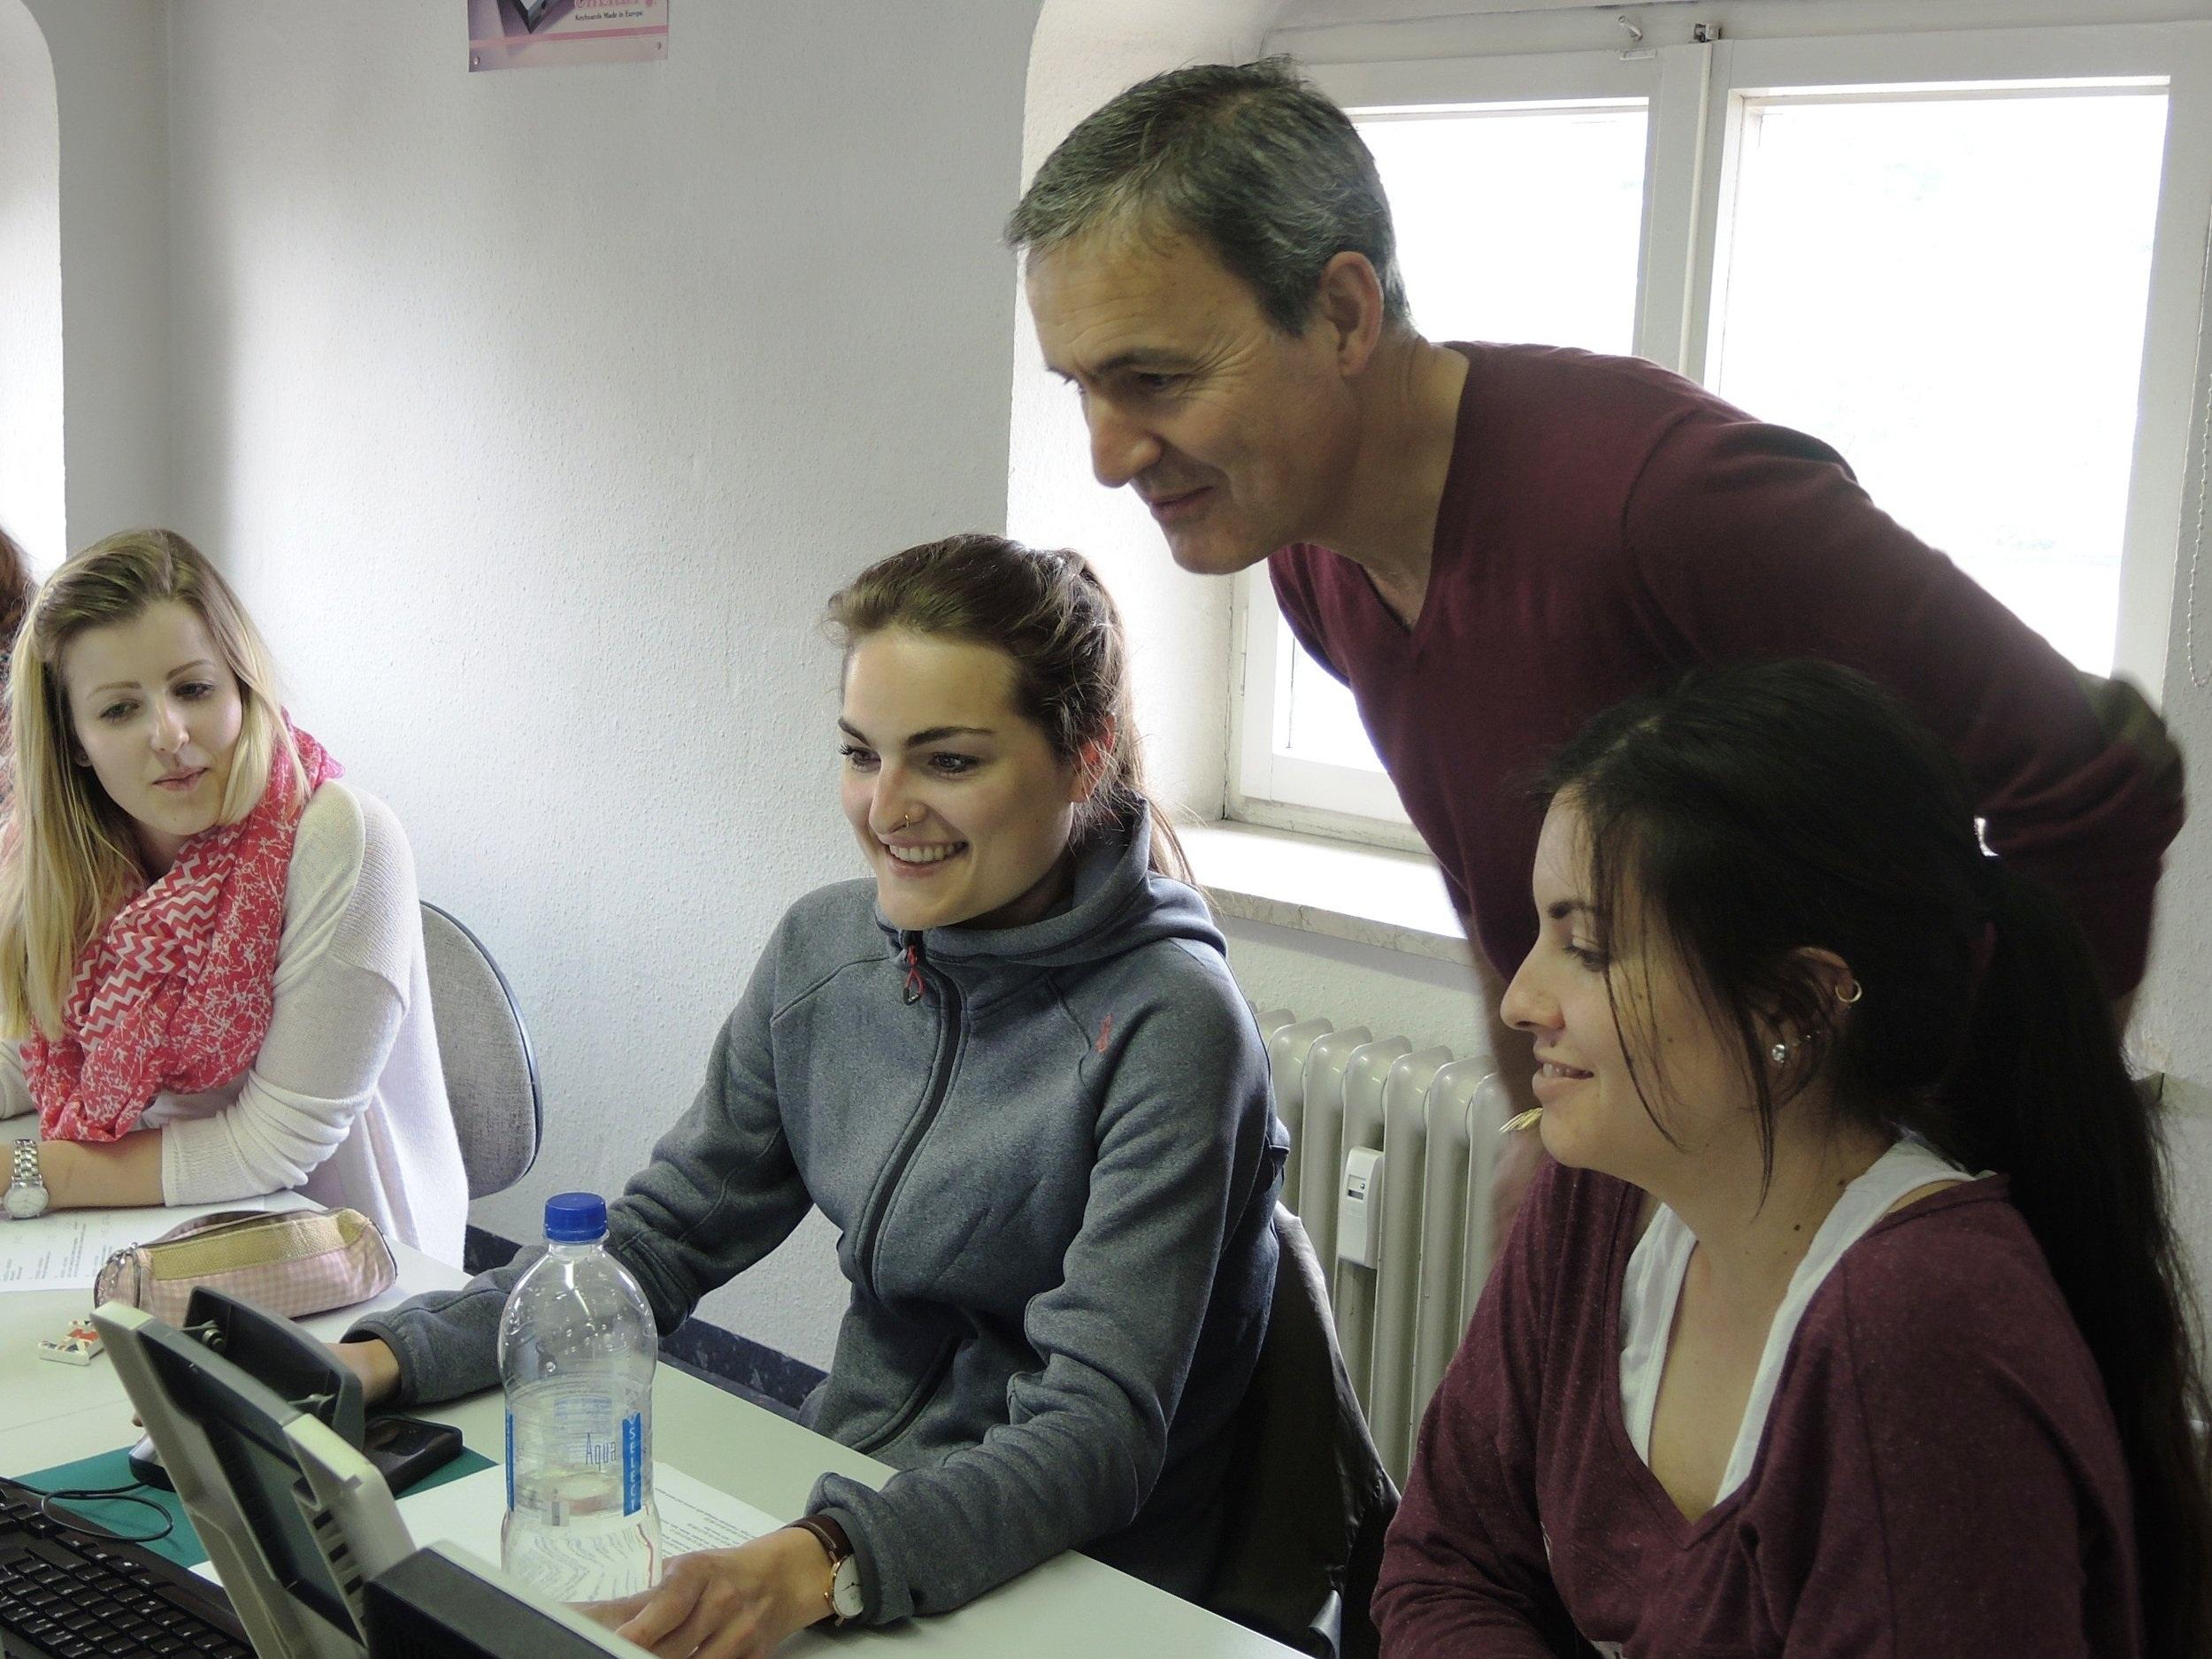 filmuntertitelung in theorie und praxis mit Prof. Jorge DÍaz-Cintas - University College London